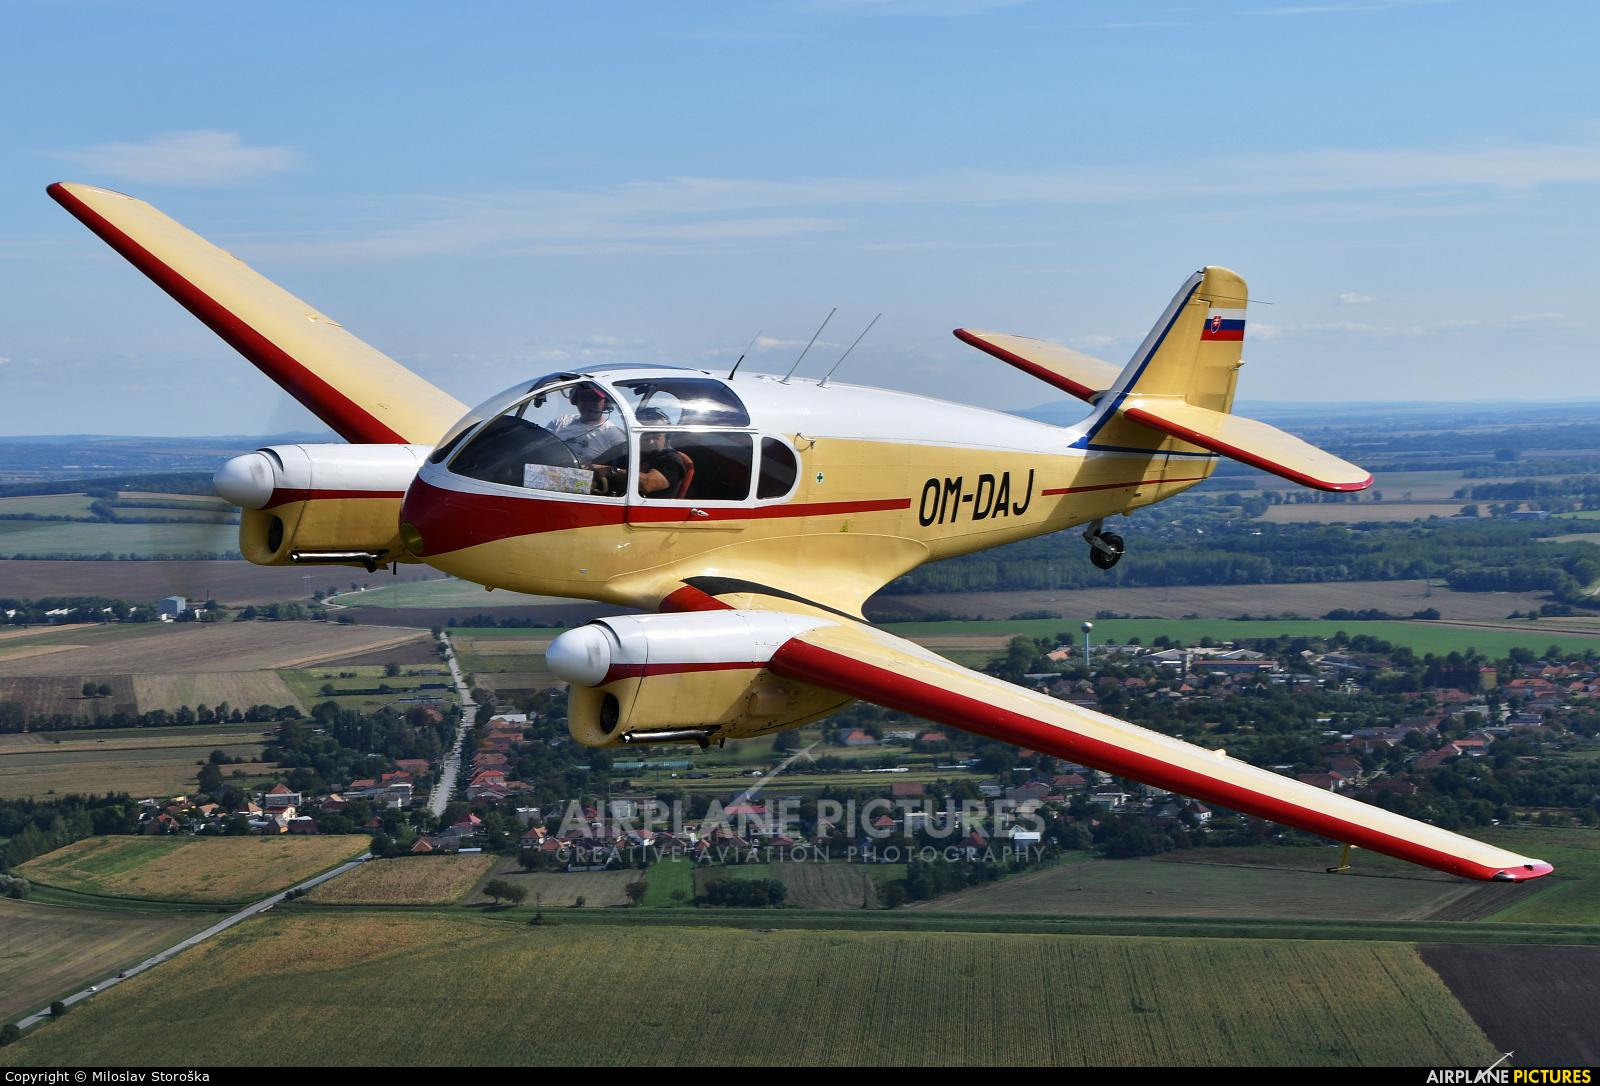 Private OM-DAJ aircraft at In Flight - Czech Republic